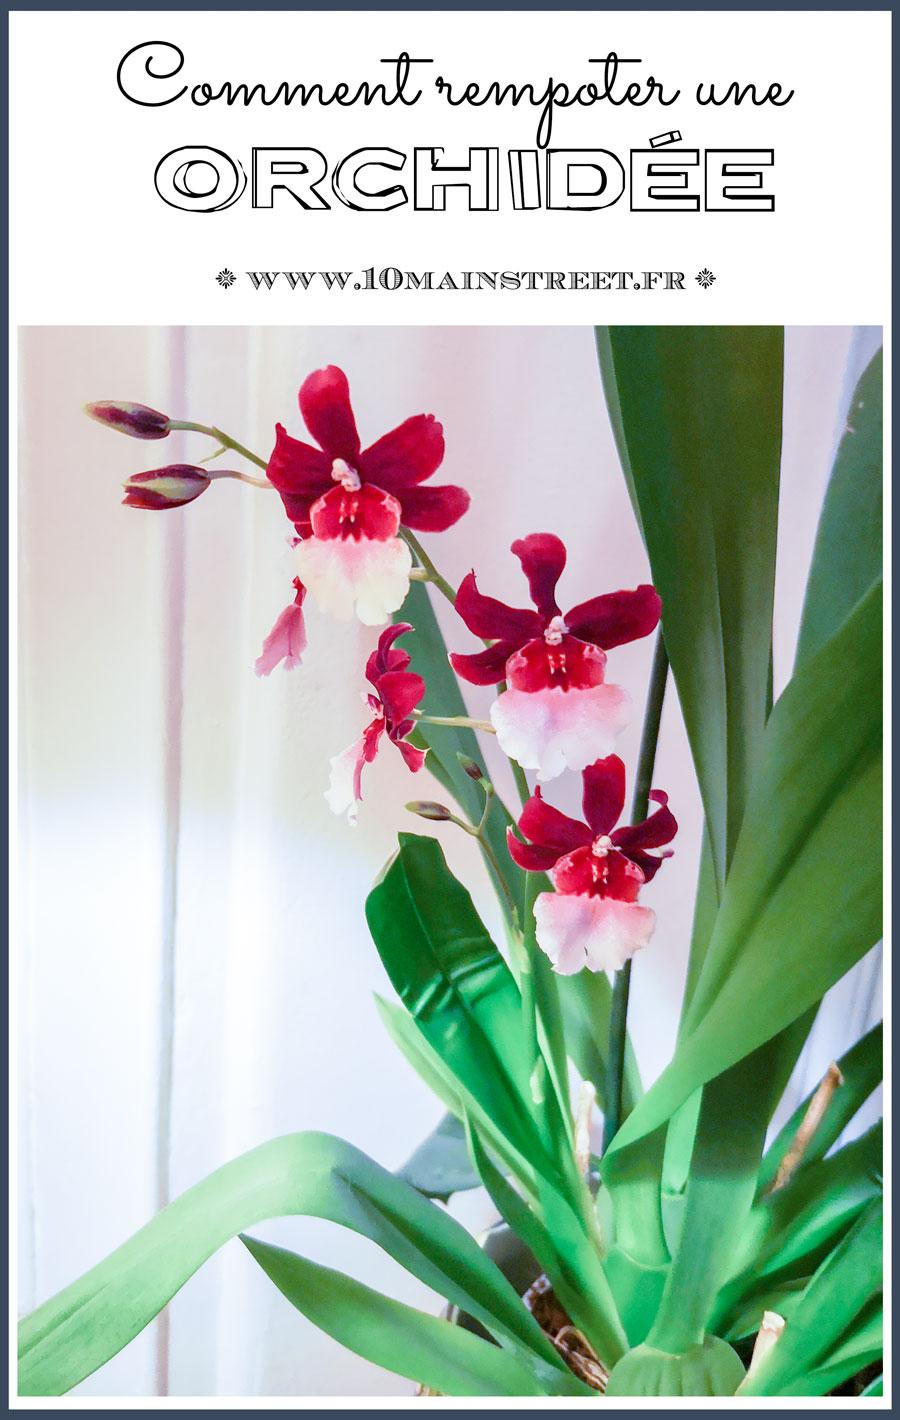 rempoter une orchid�e pour avoir de jolies fleurs ! - 10